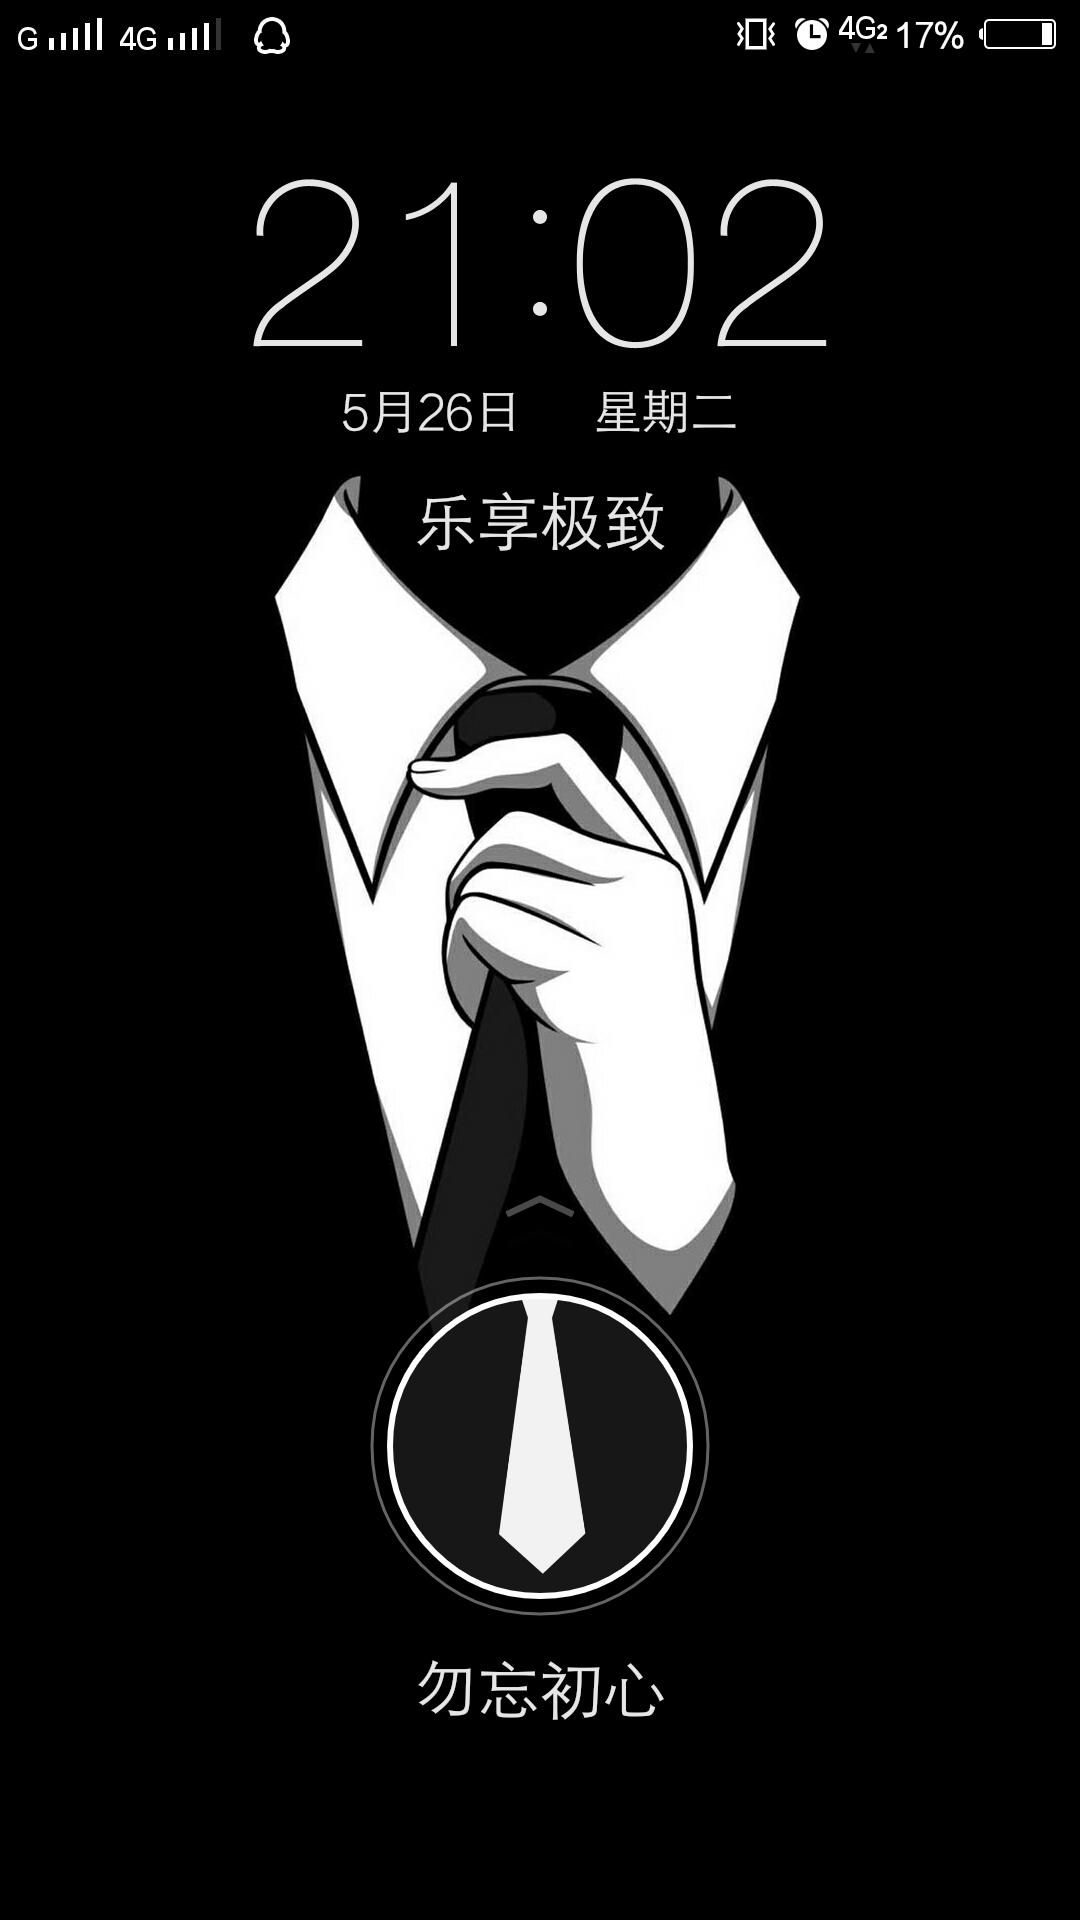 微信头像领带卡通